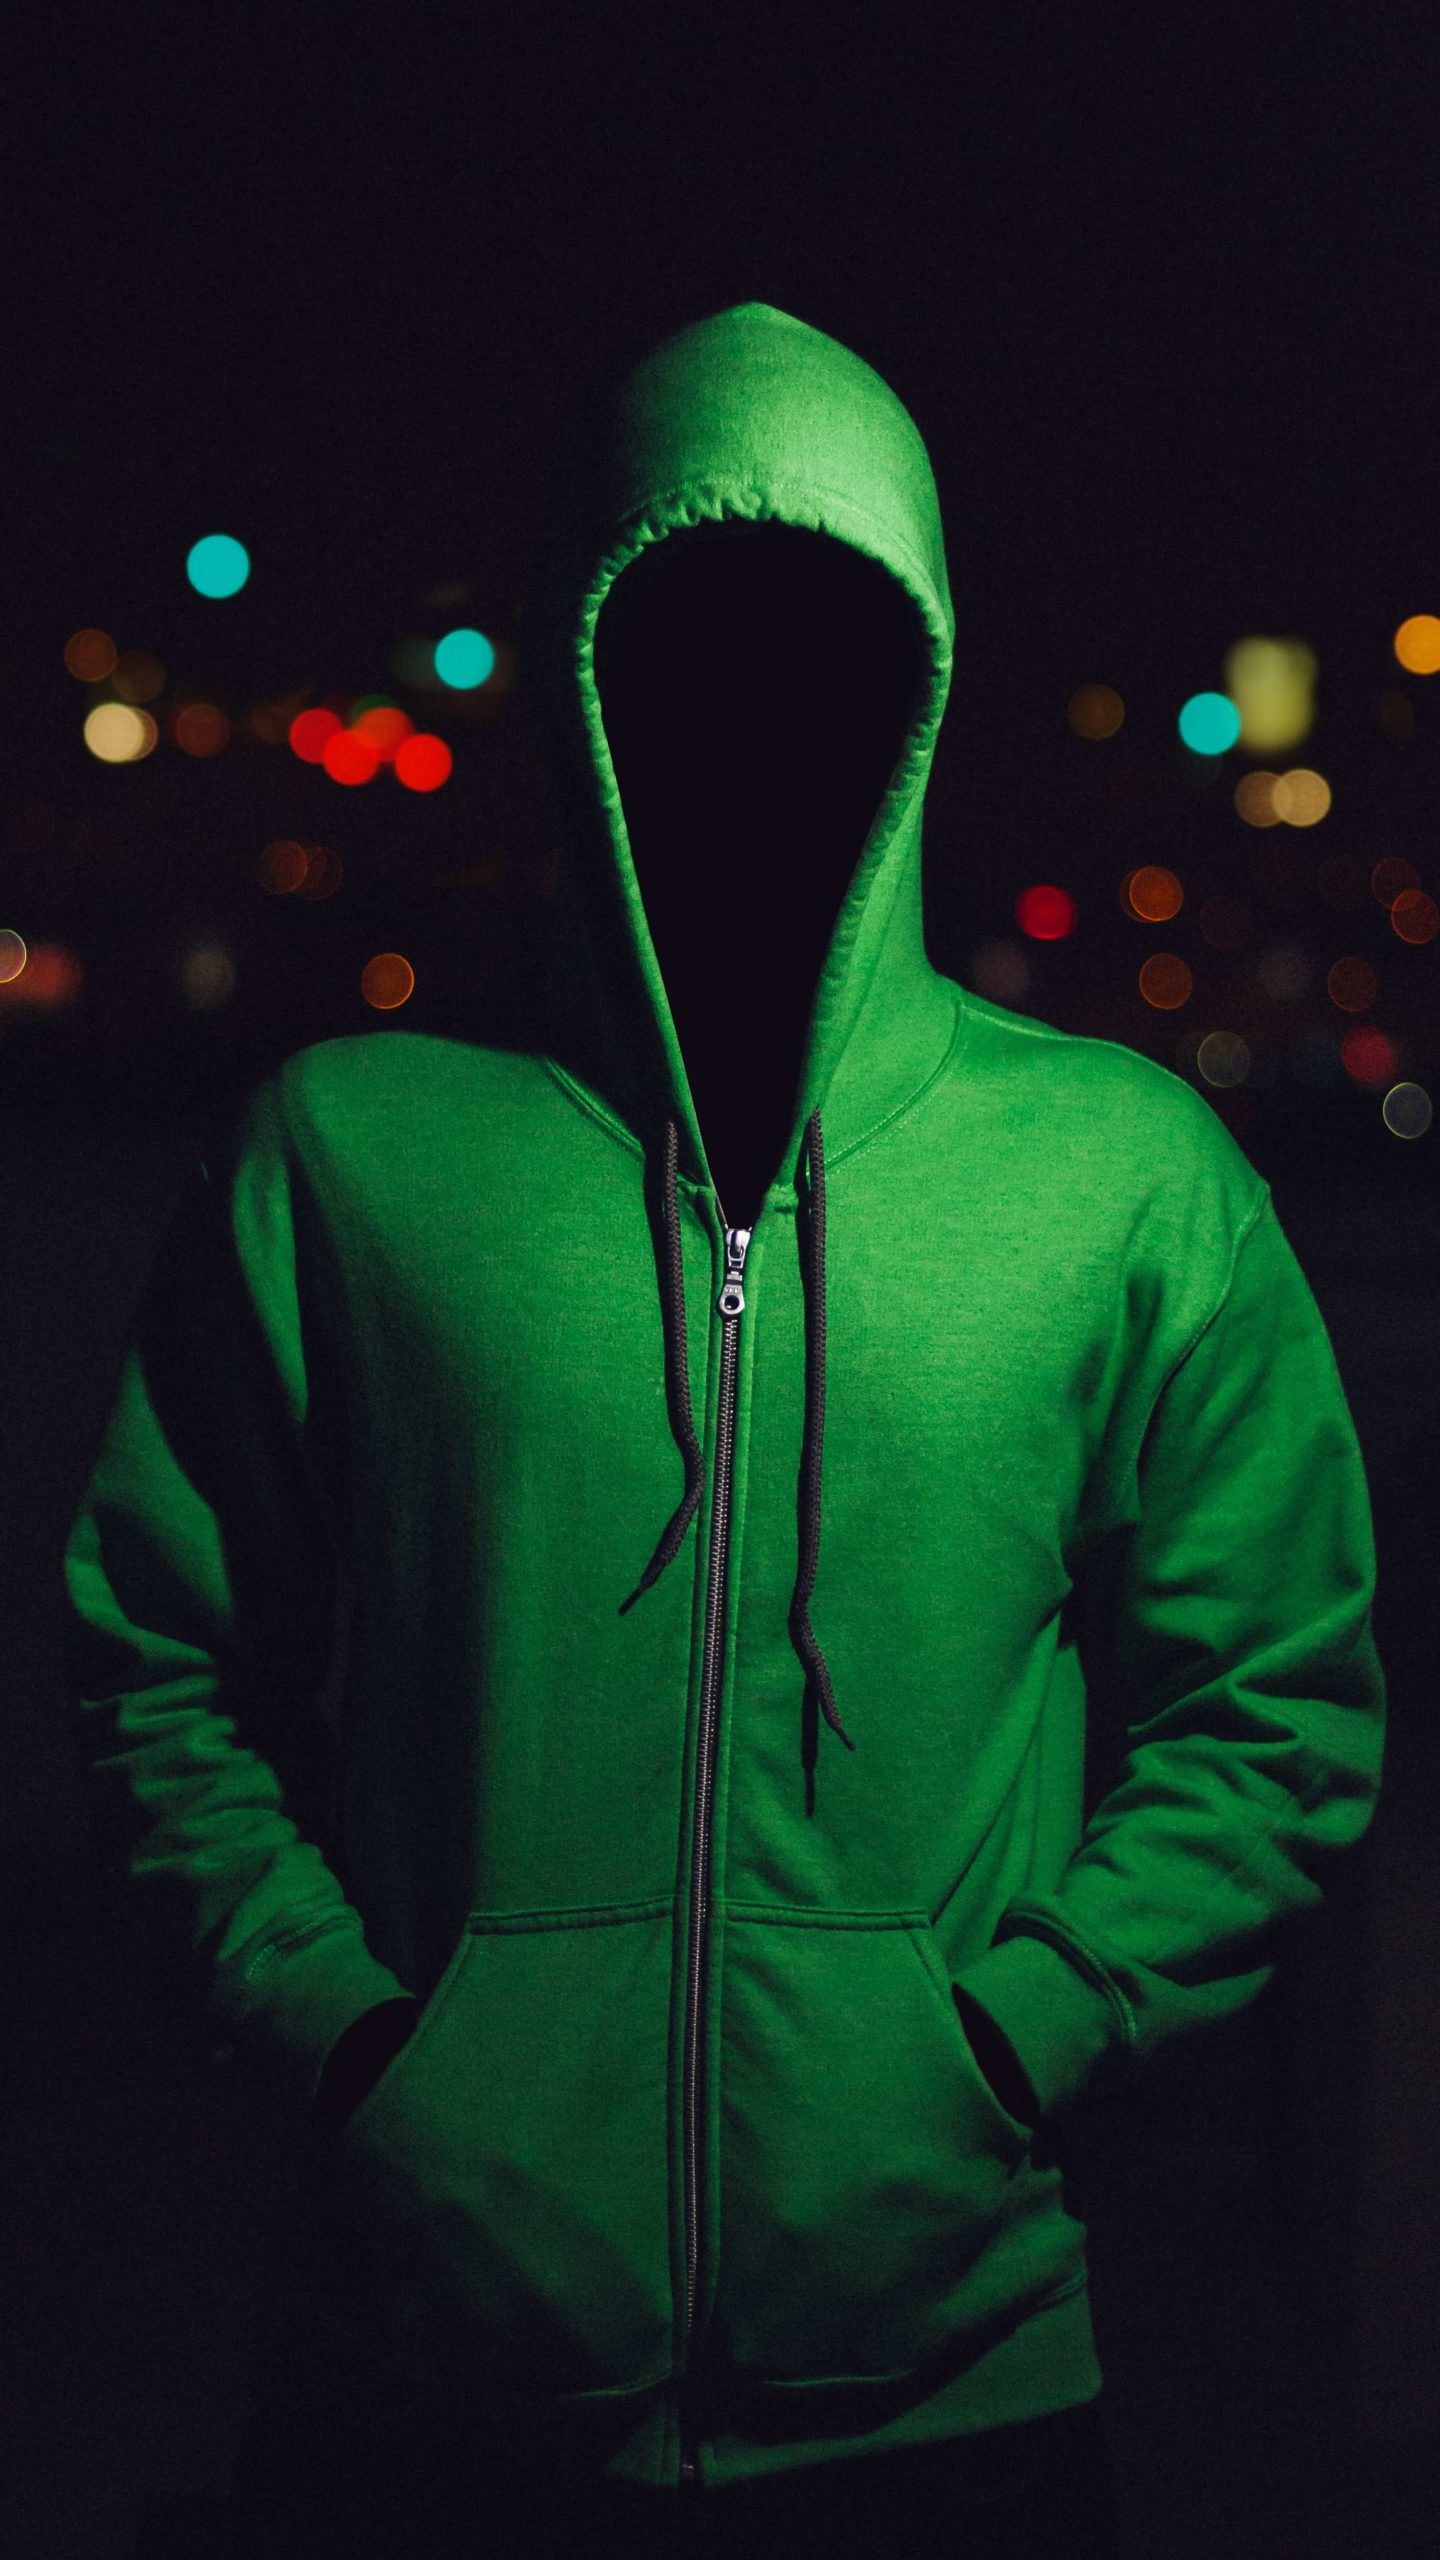 緑ののっぺらぼう